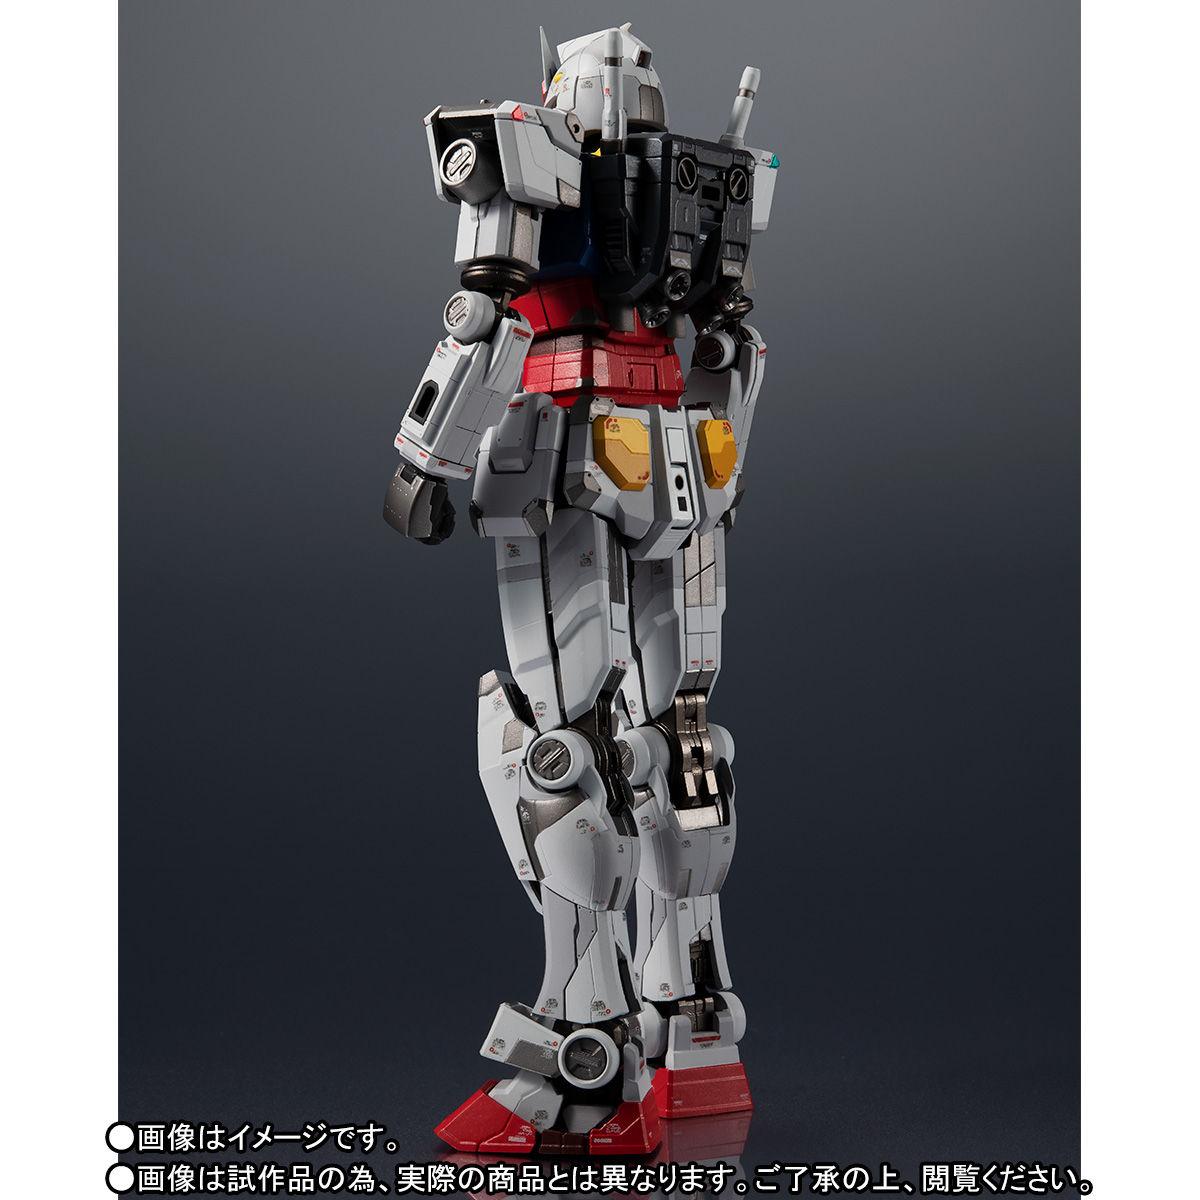 【限定販売】超合金×GUNDAM FACTORY YOKOHAMA『RX-78F00 GUNDAM』可動フィギュア-004